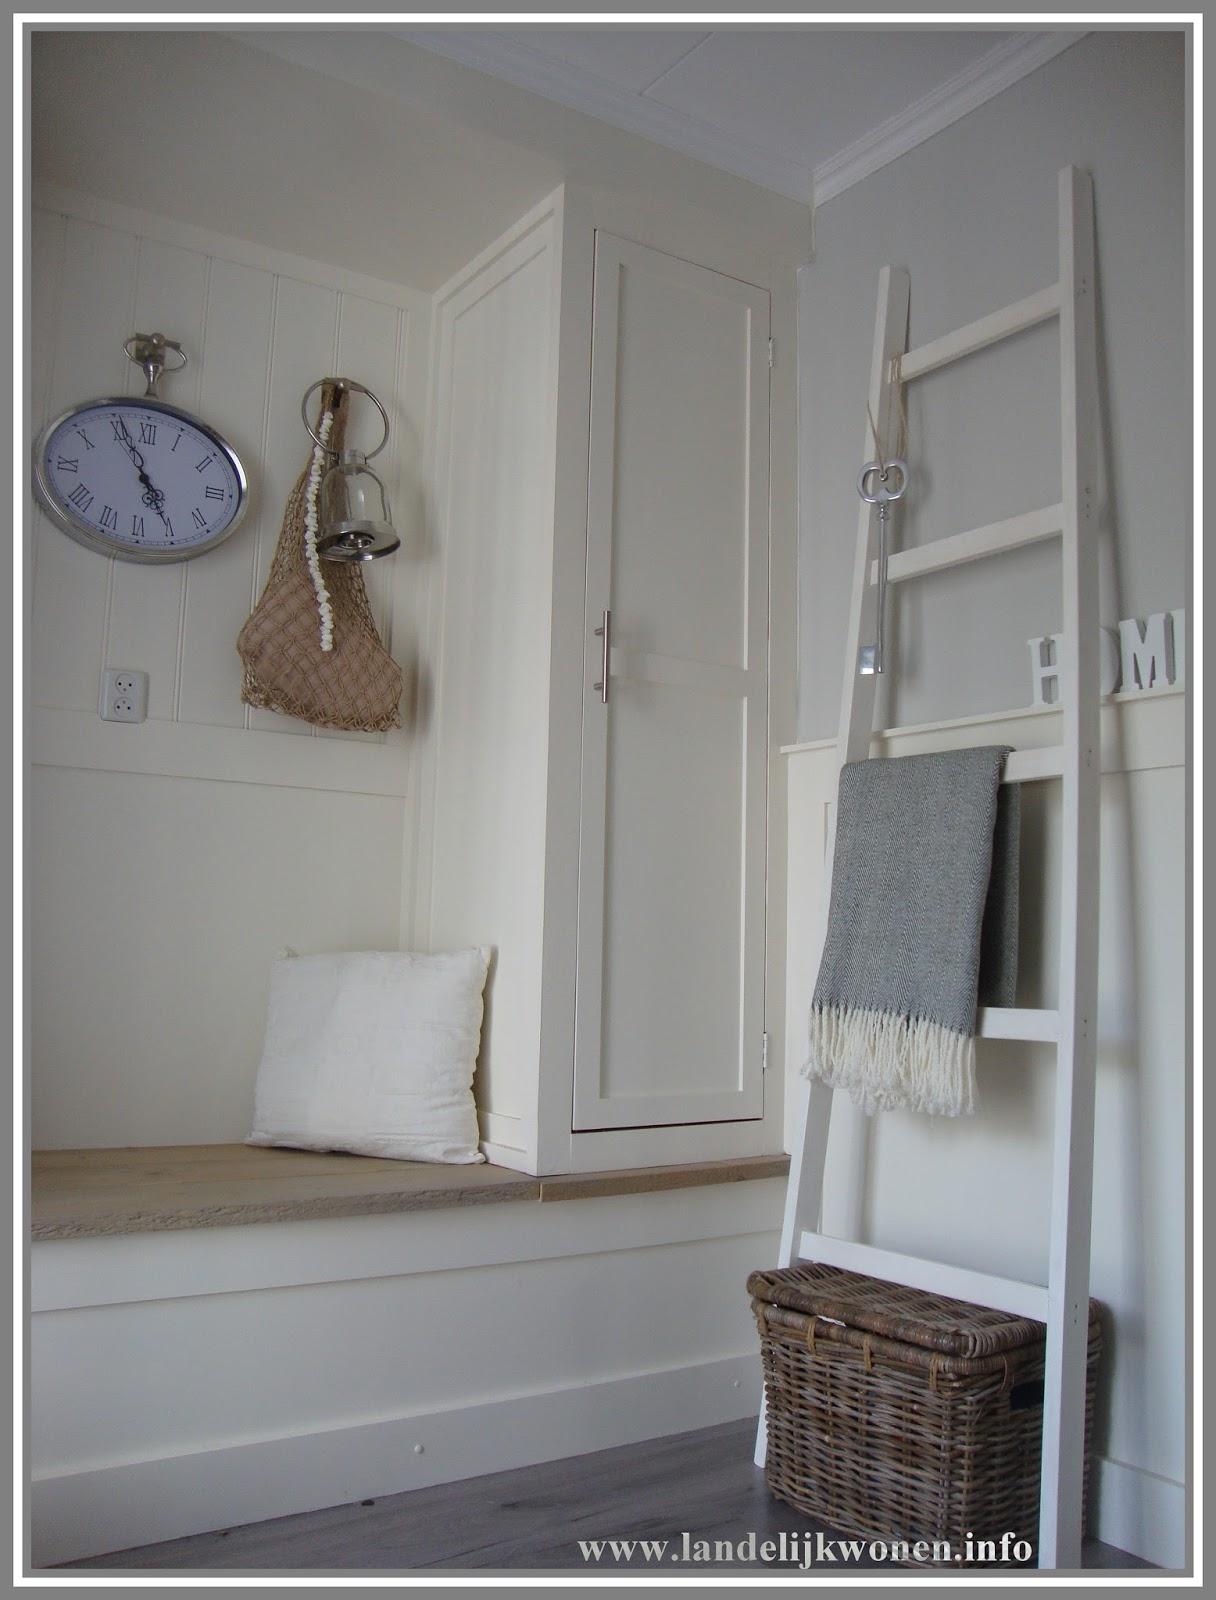 Landelijk wonen interieur idee decoratieve ladder zelf maken - Decoratie idee ...